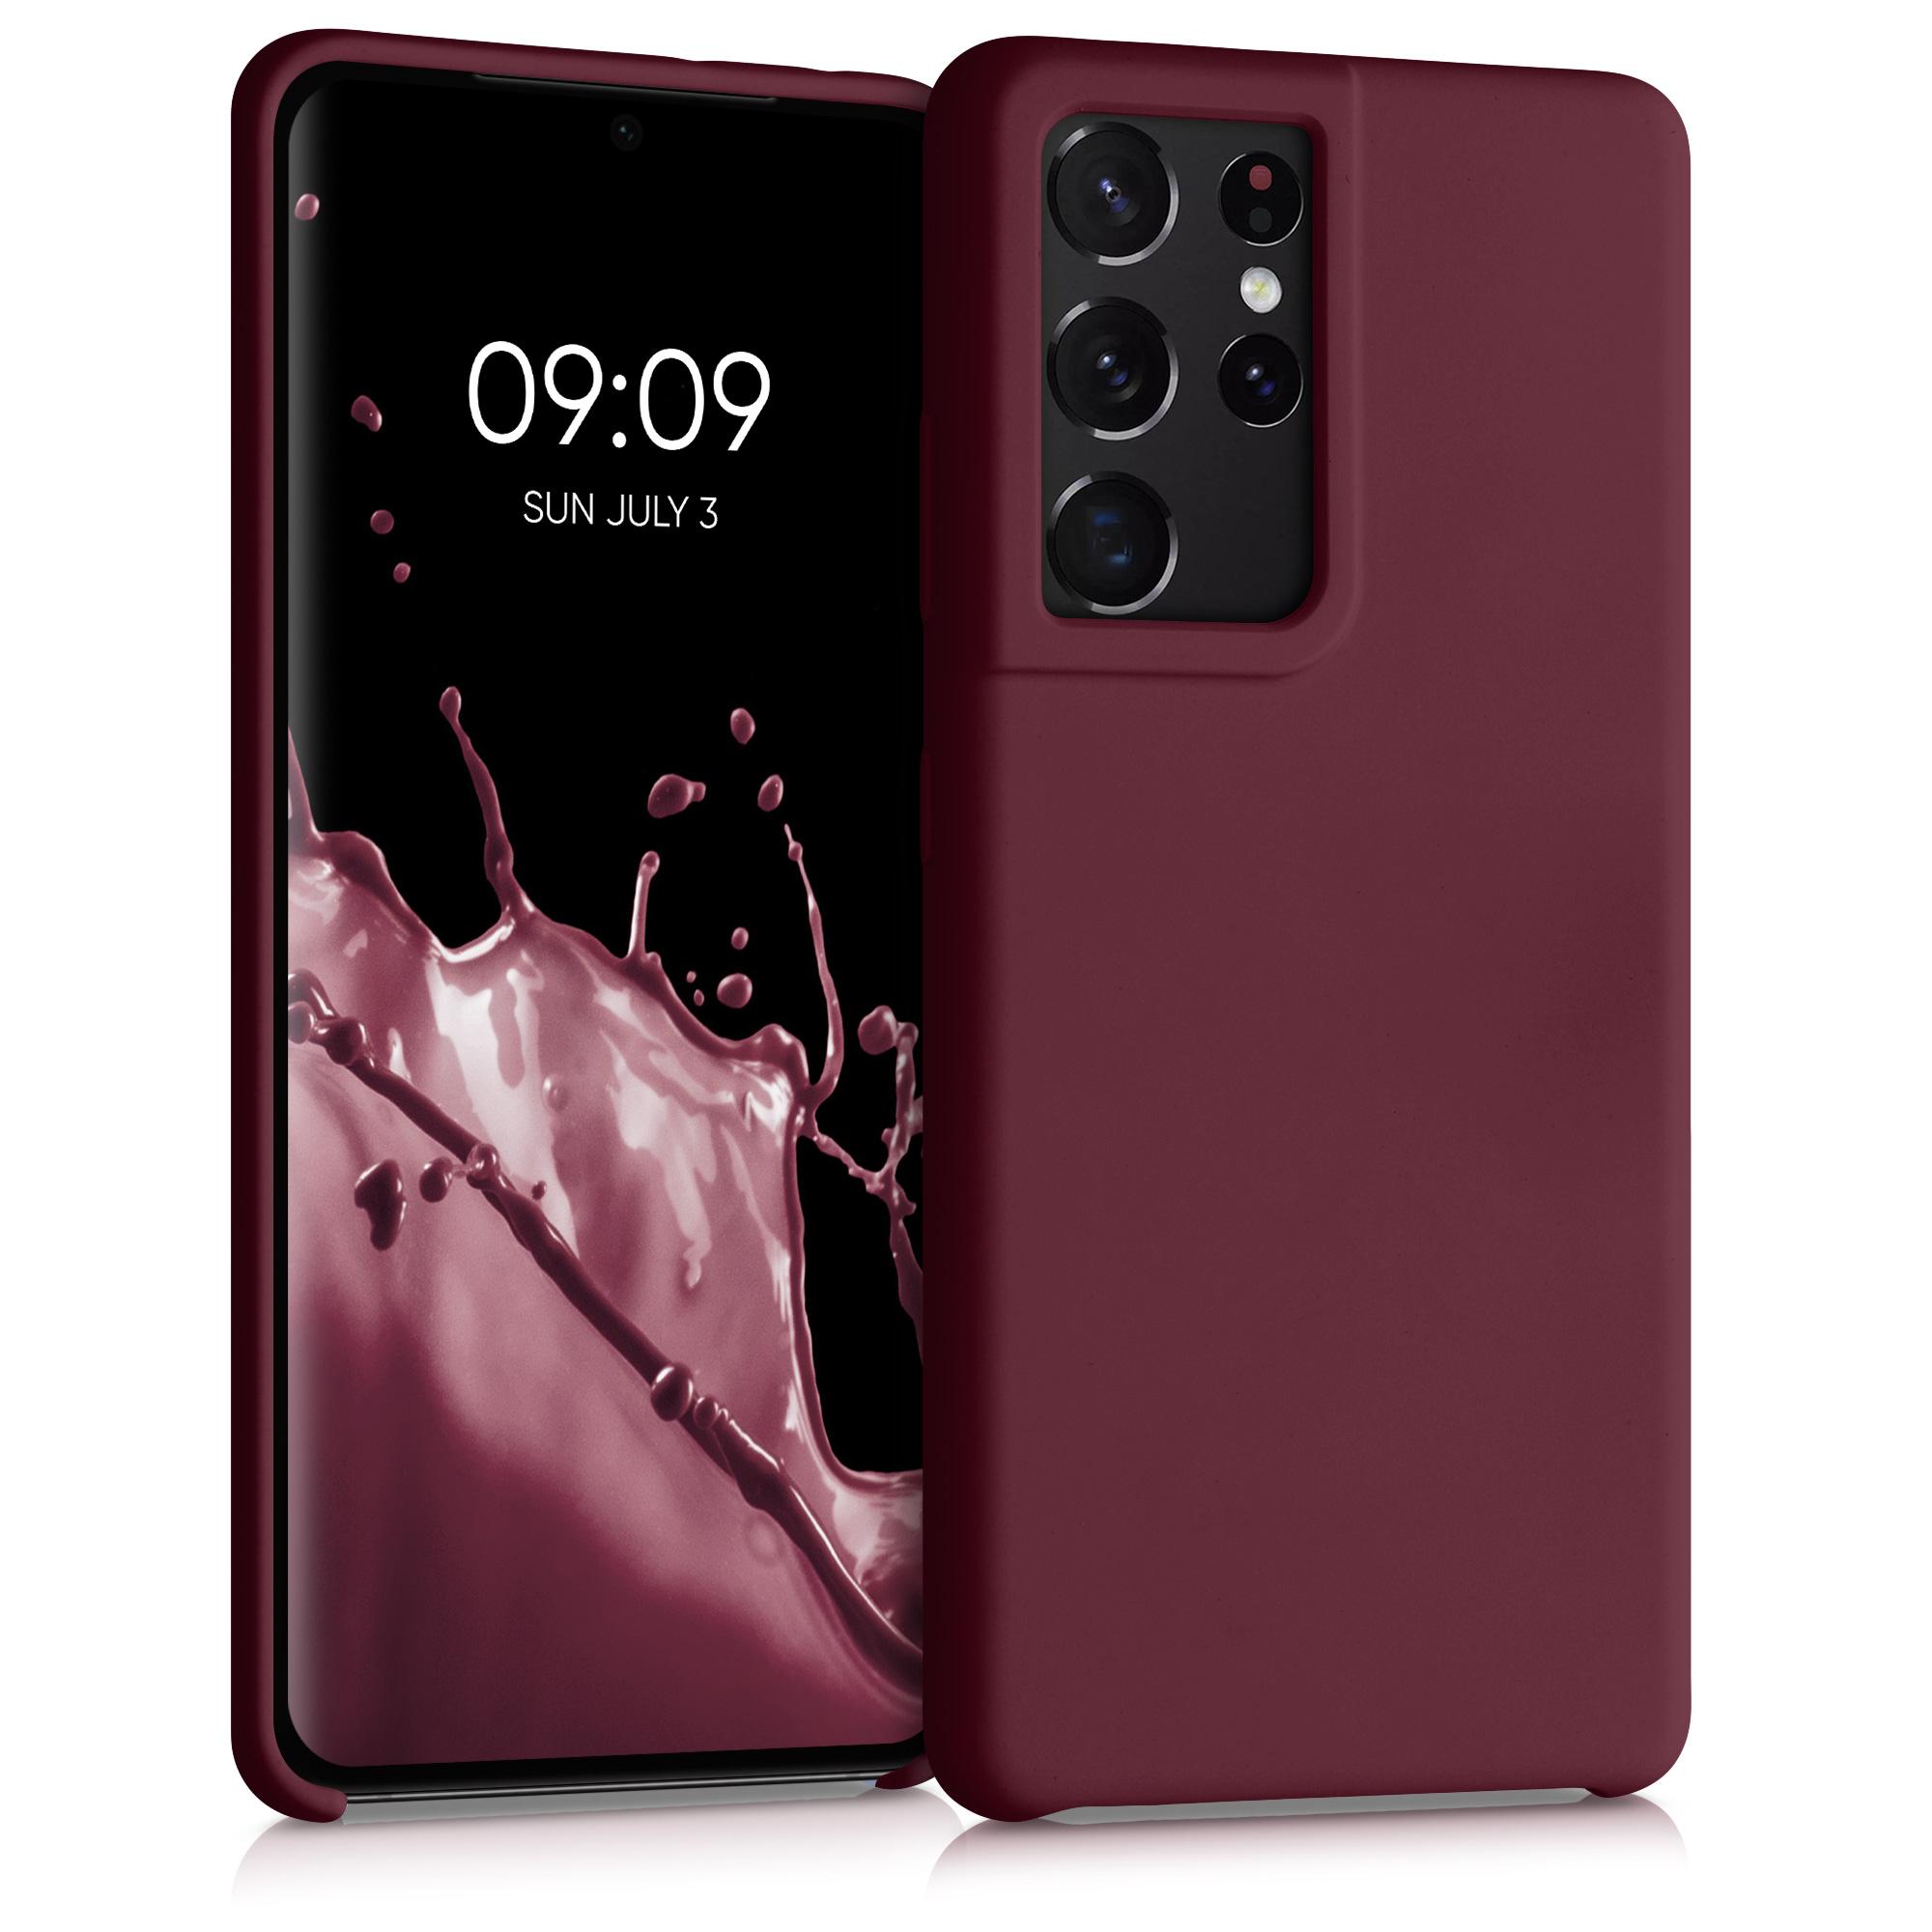 Kvalitní silikonové TPU pouzdro pro Samsung S21 Ultra - Tawny červené